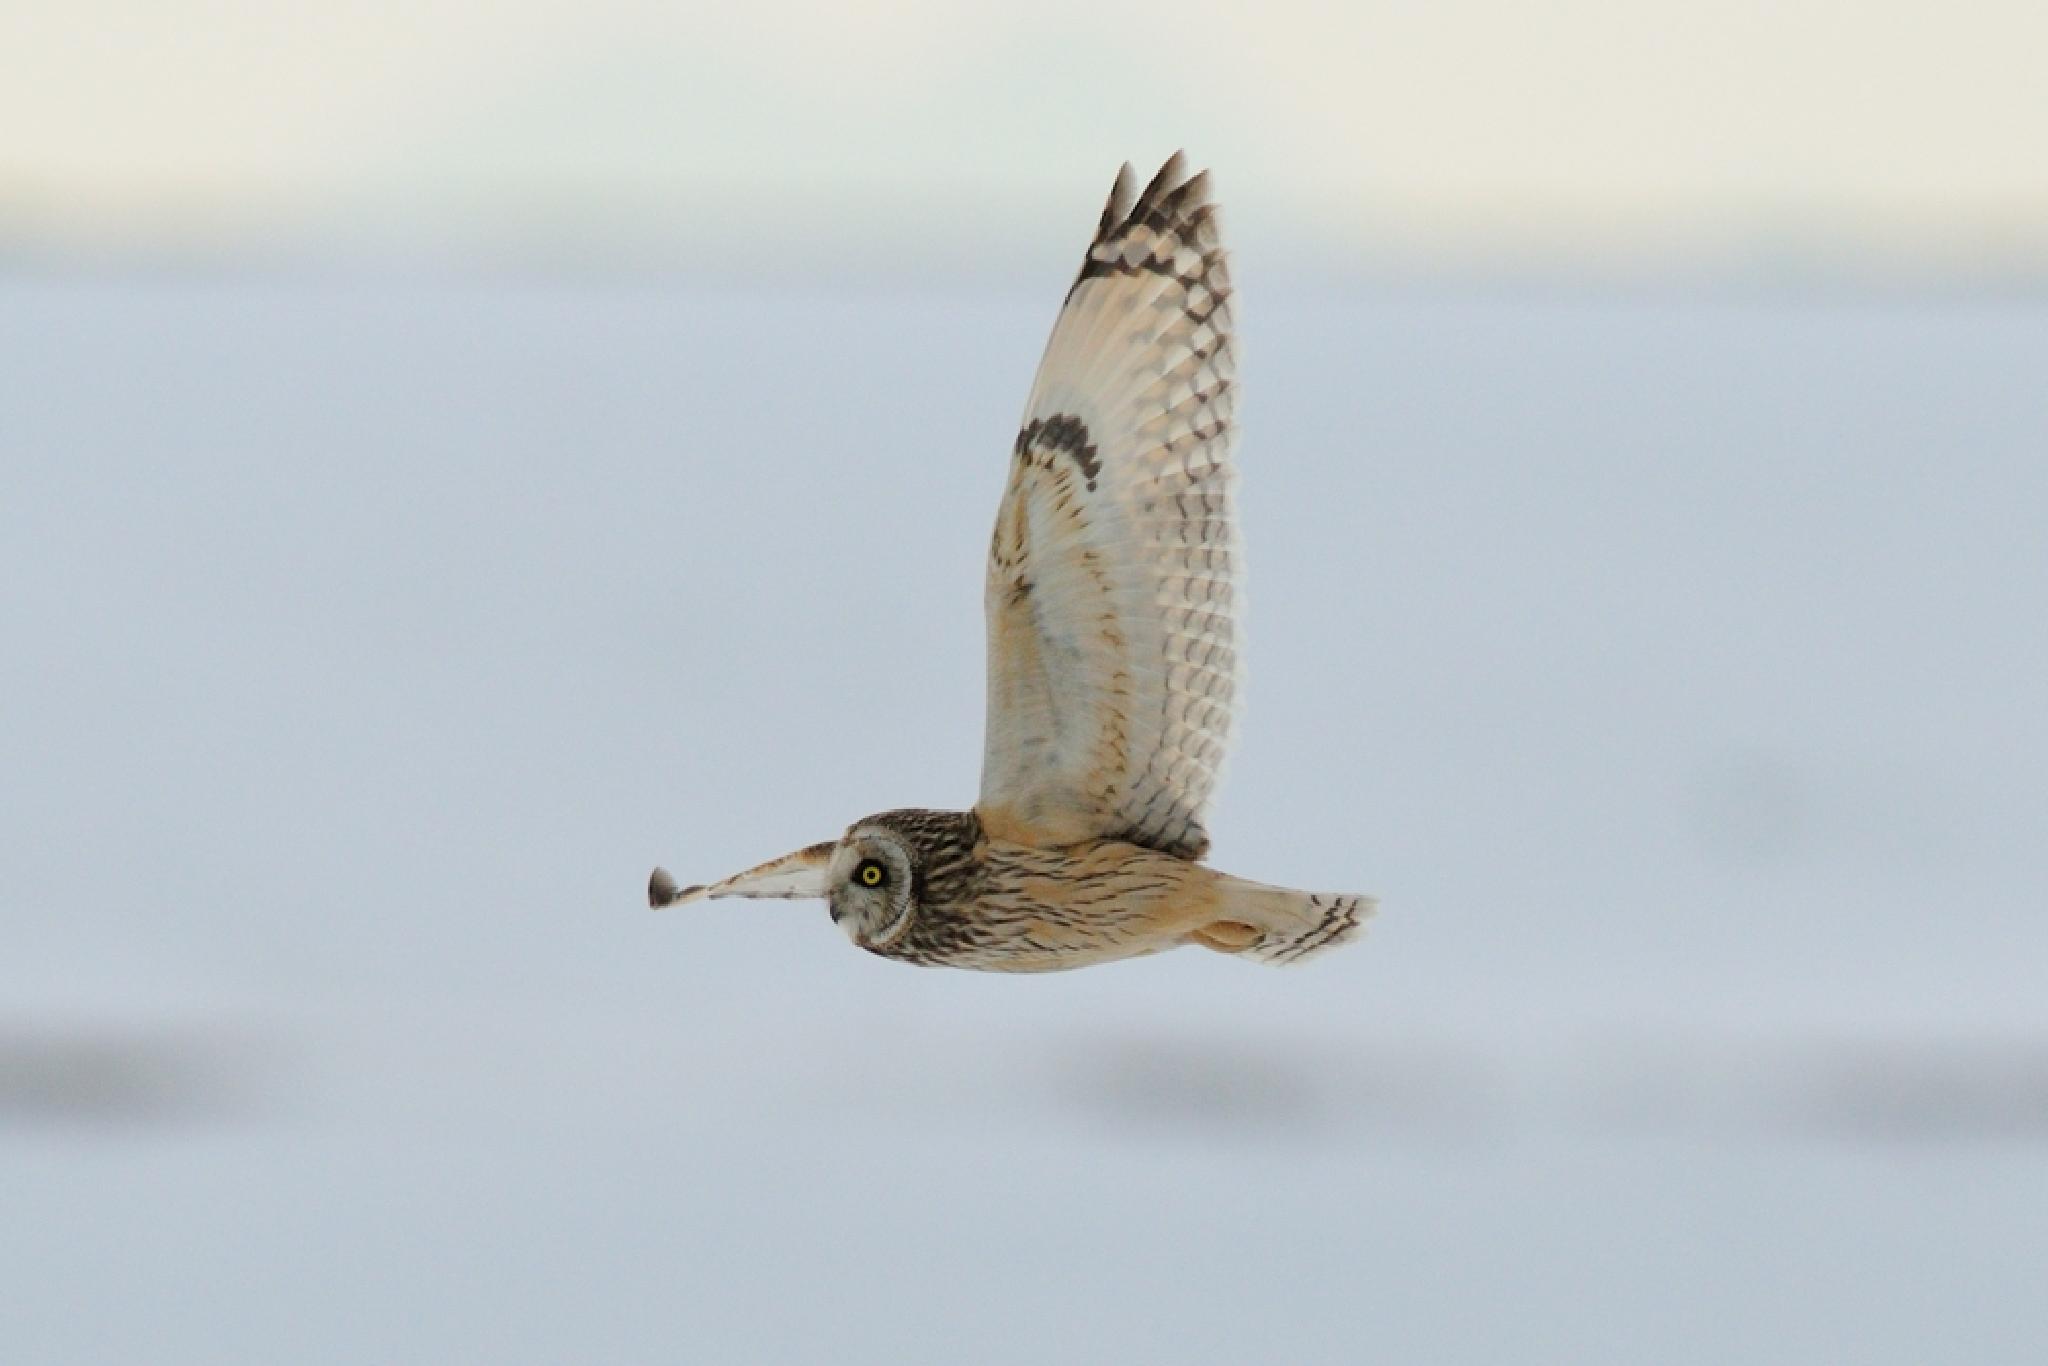 Short-eared Owl in Snow Field by Mubi.A